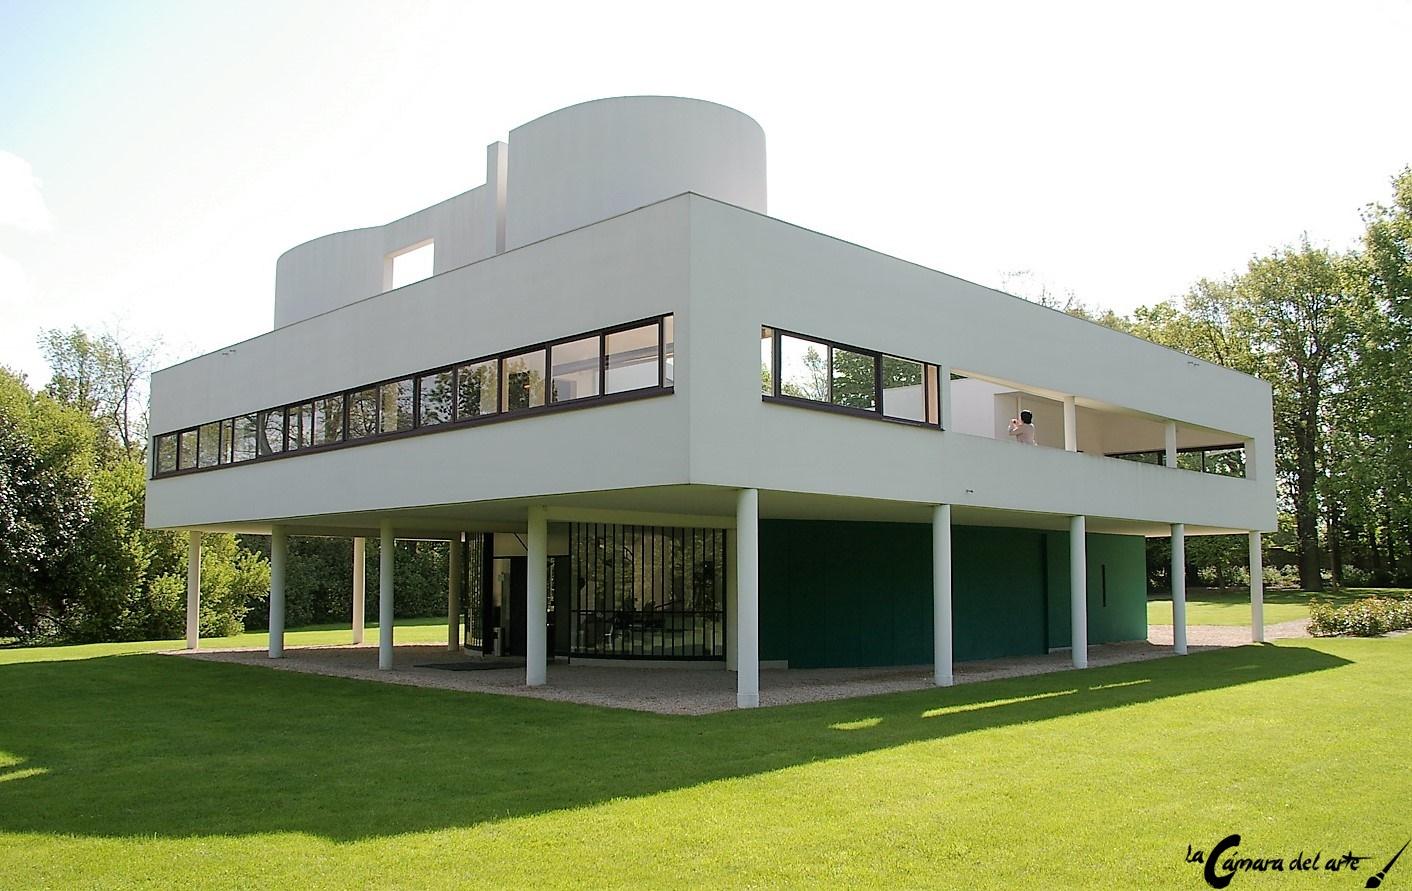 Villa saboya la c mara del arte for Casa la villa